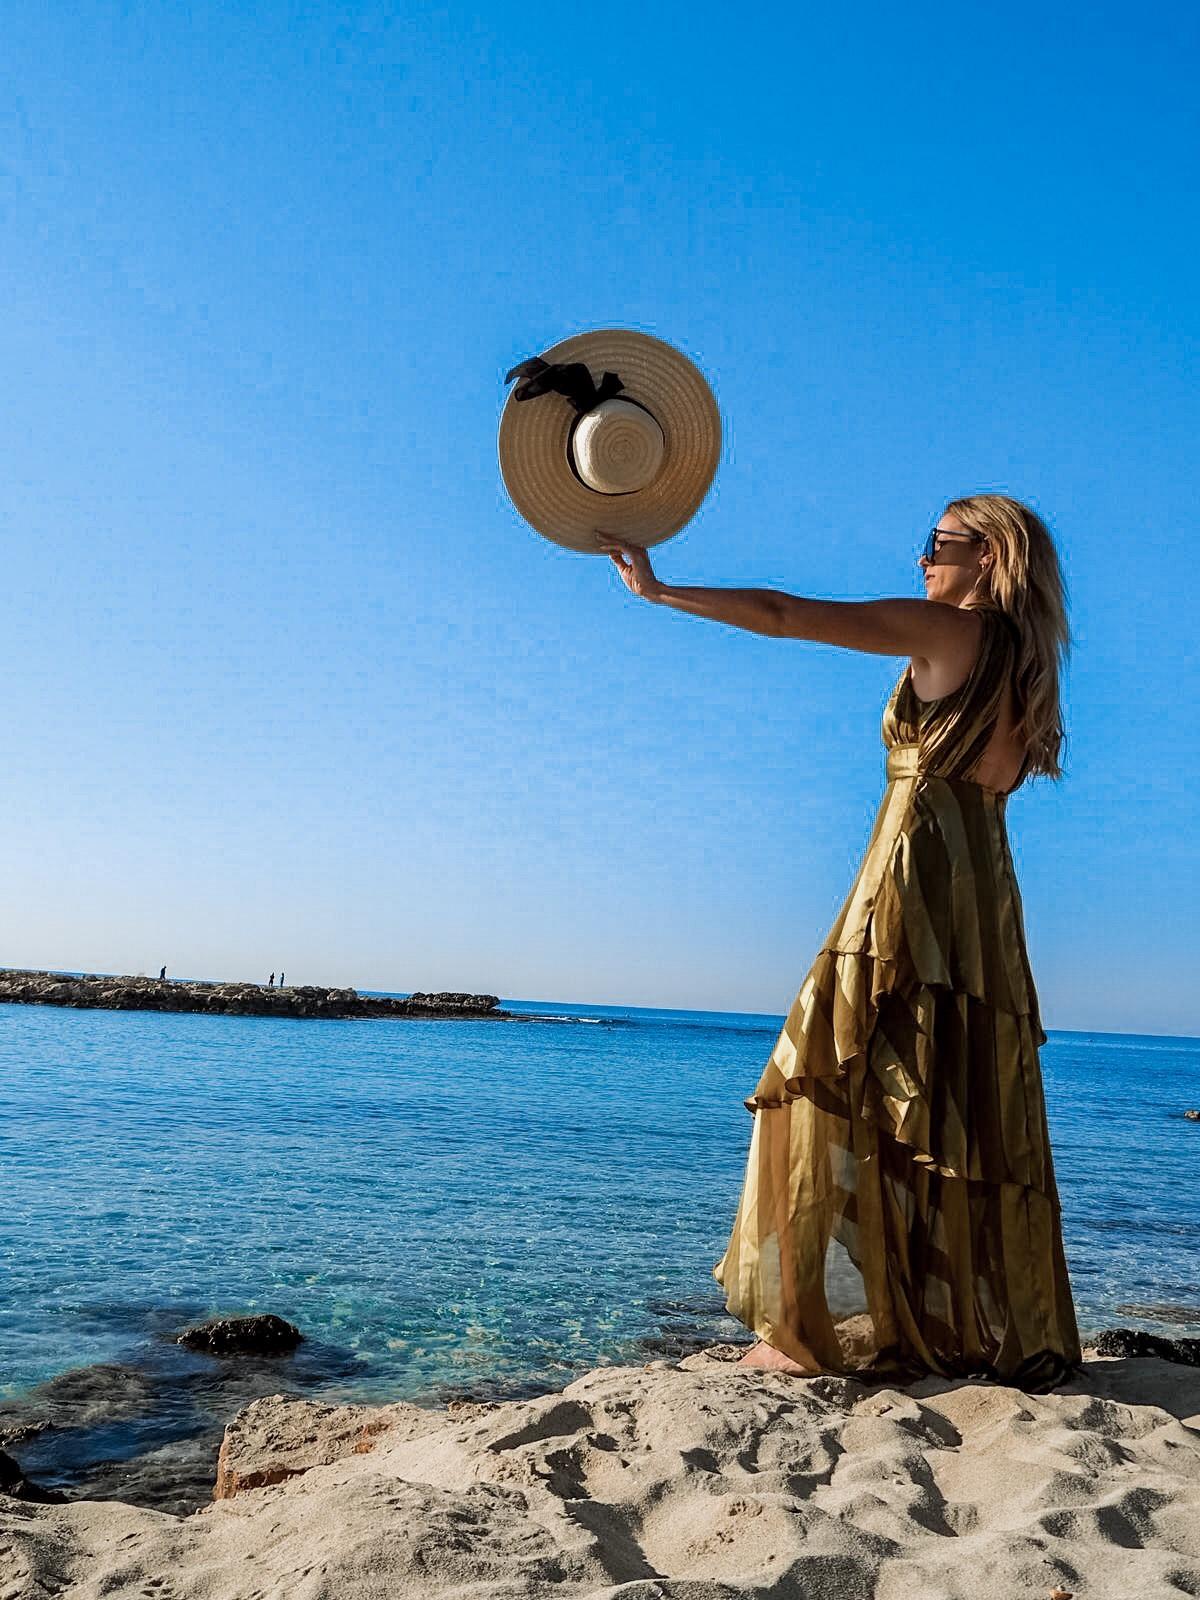 Cyprus boat trip